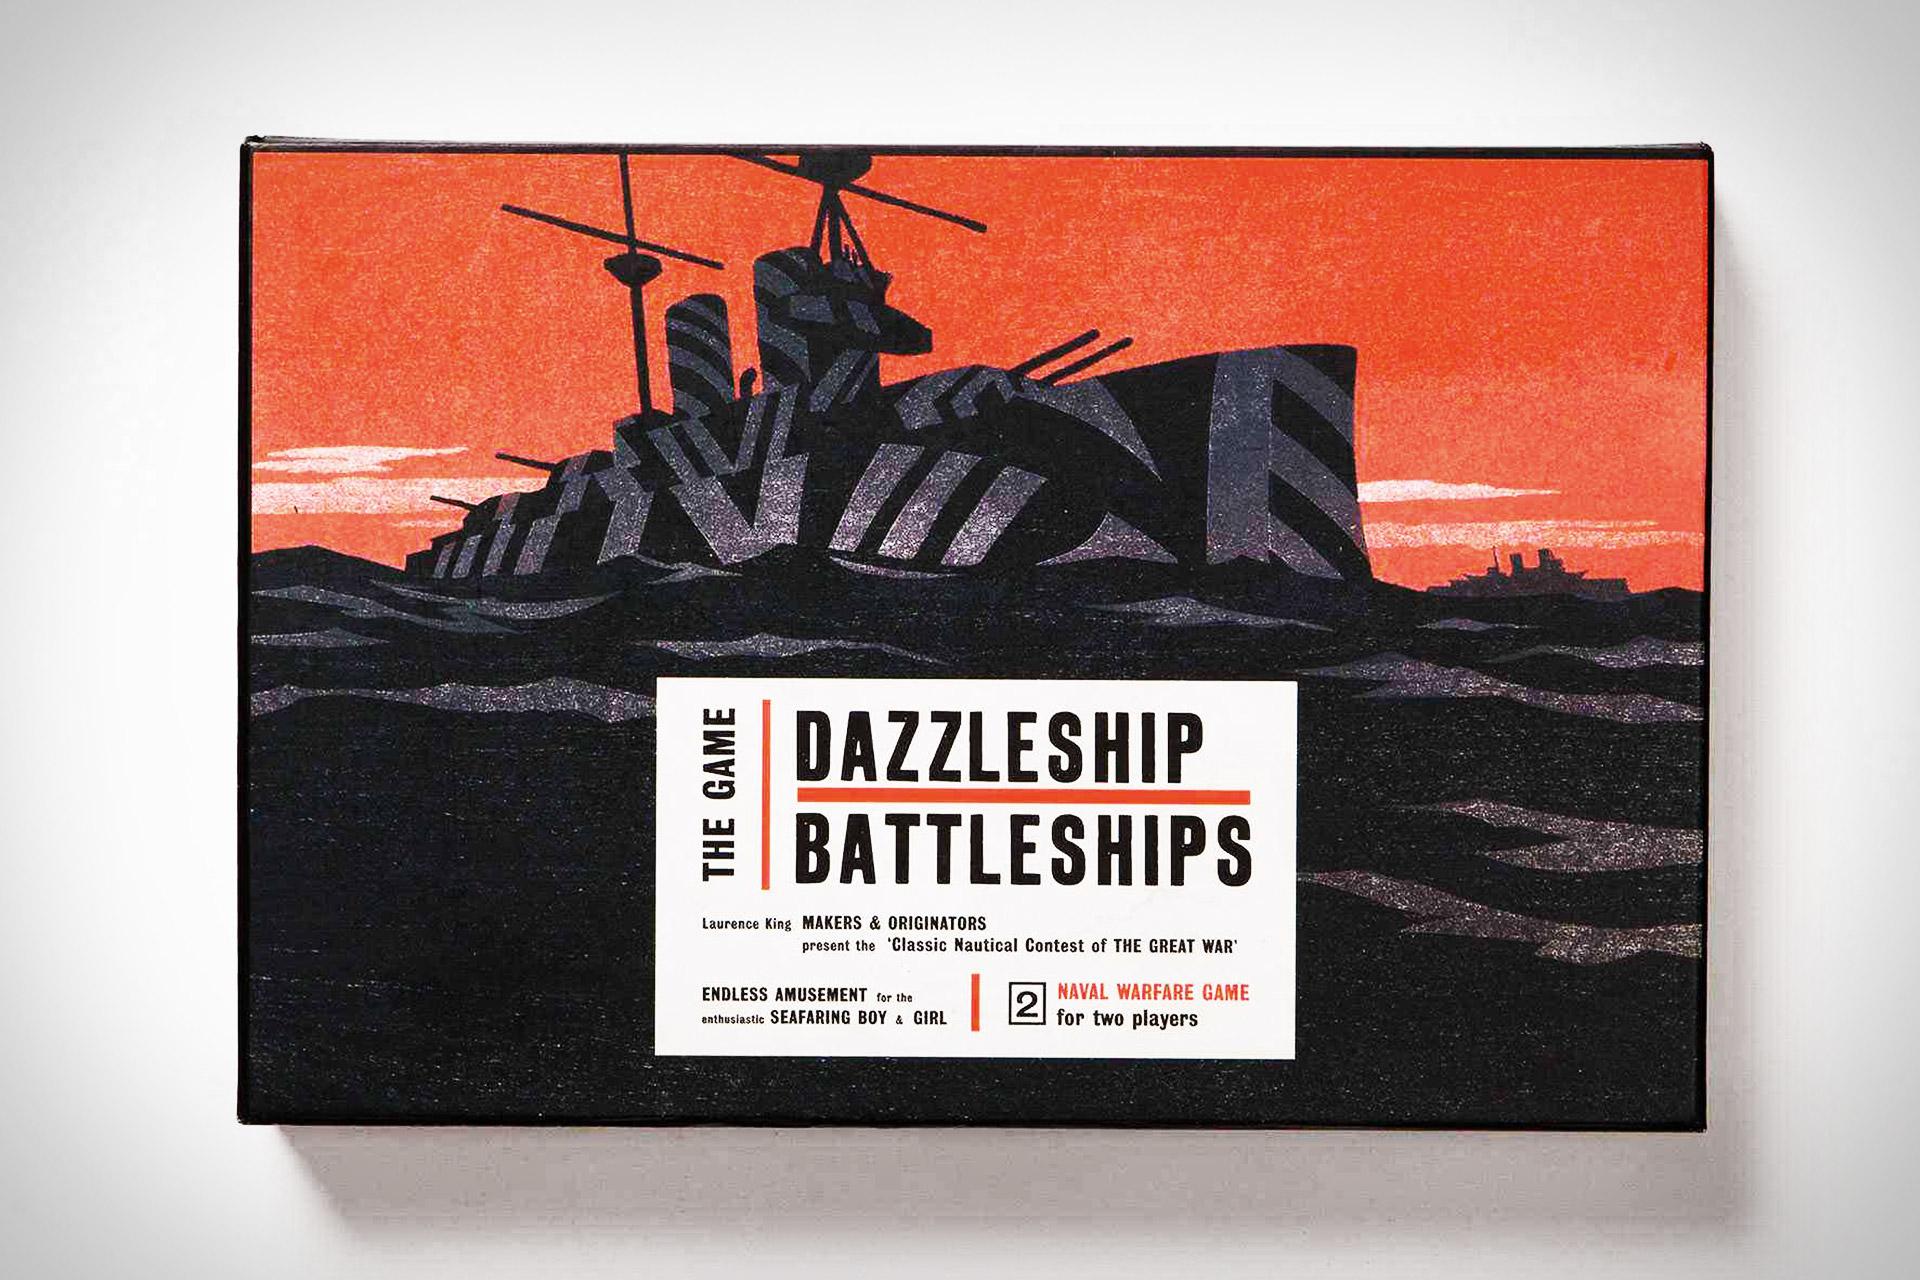 Dazzleship Battleships